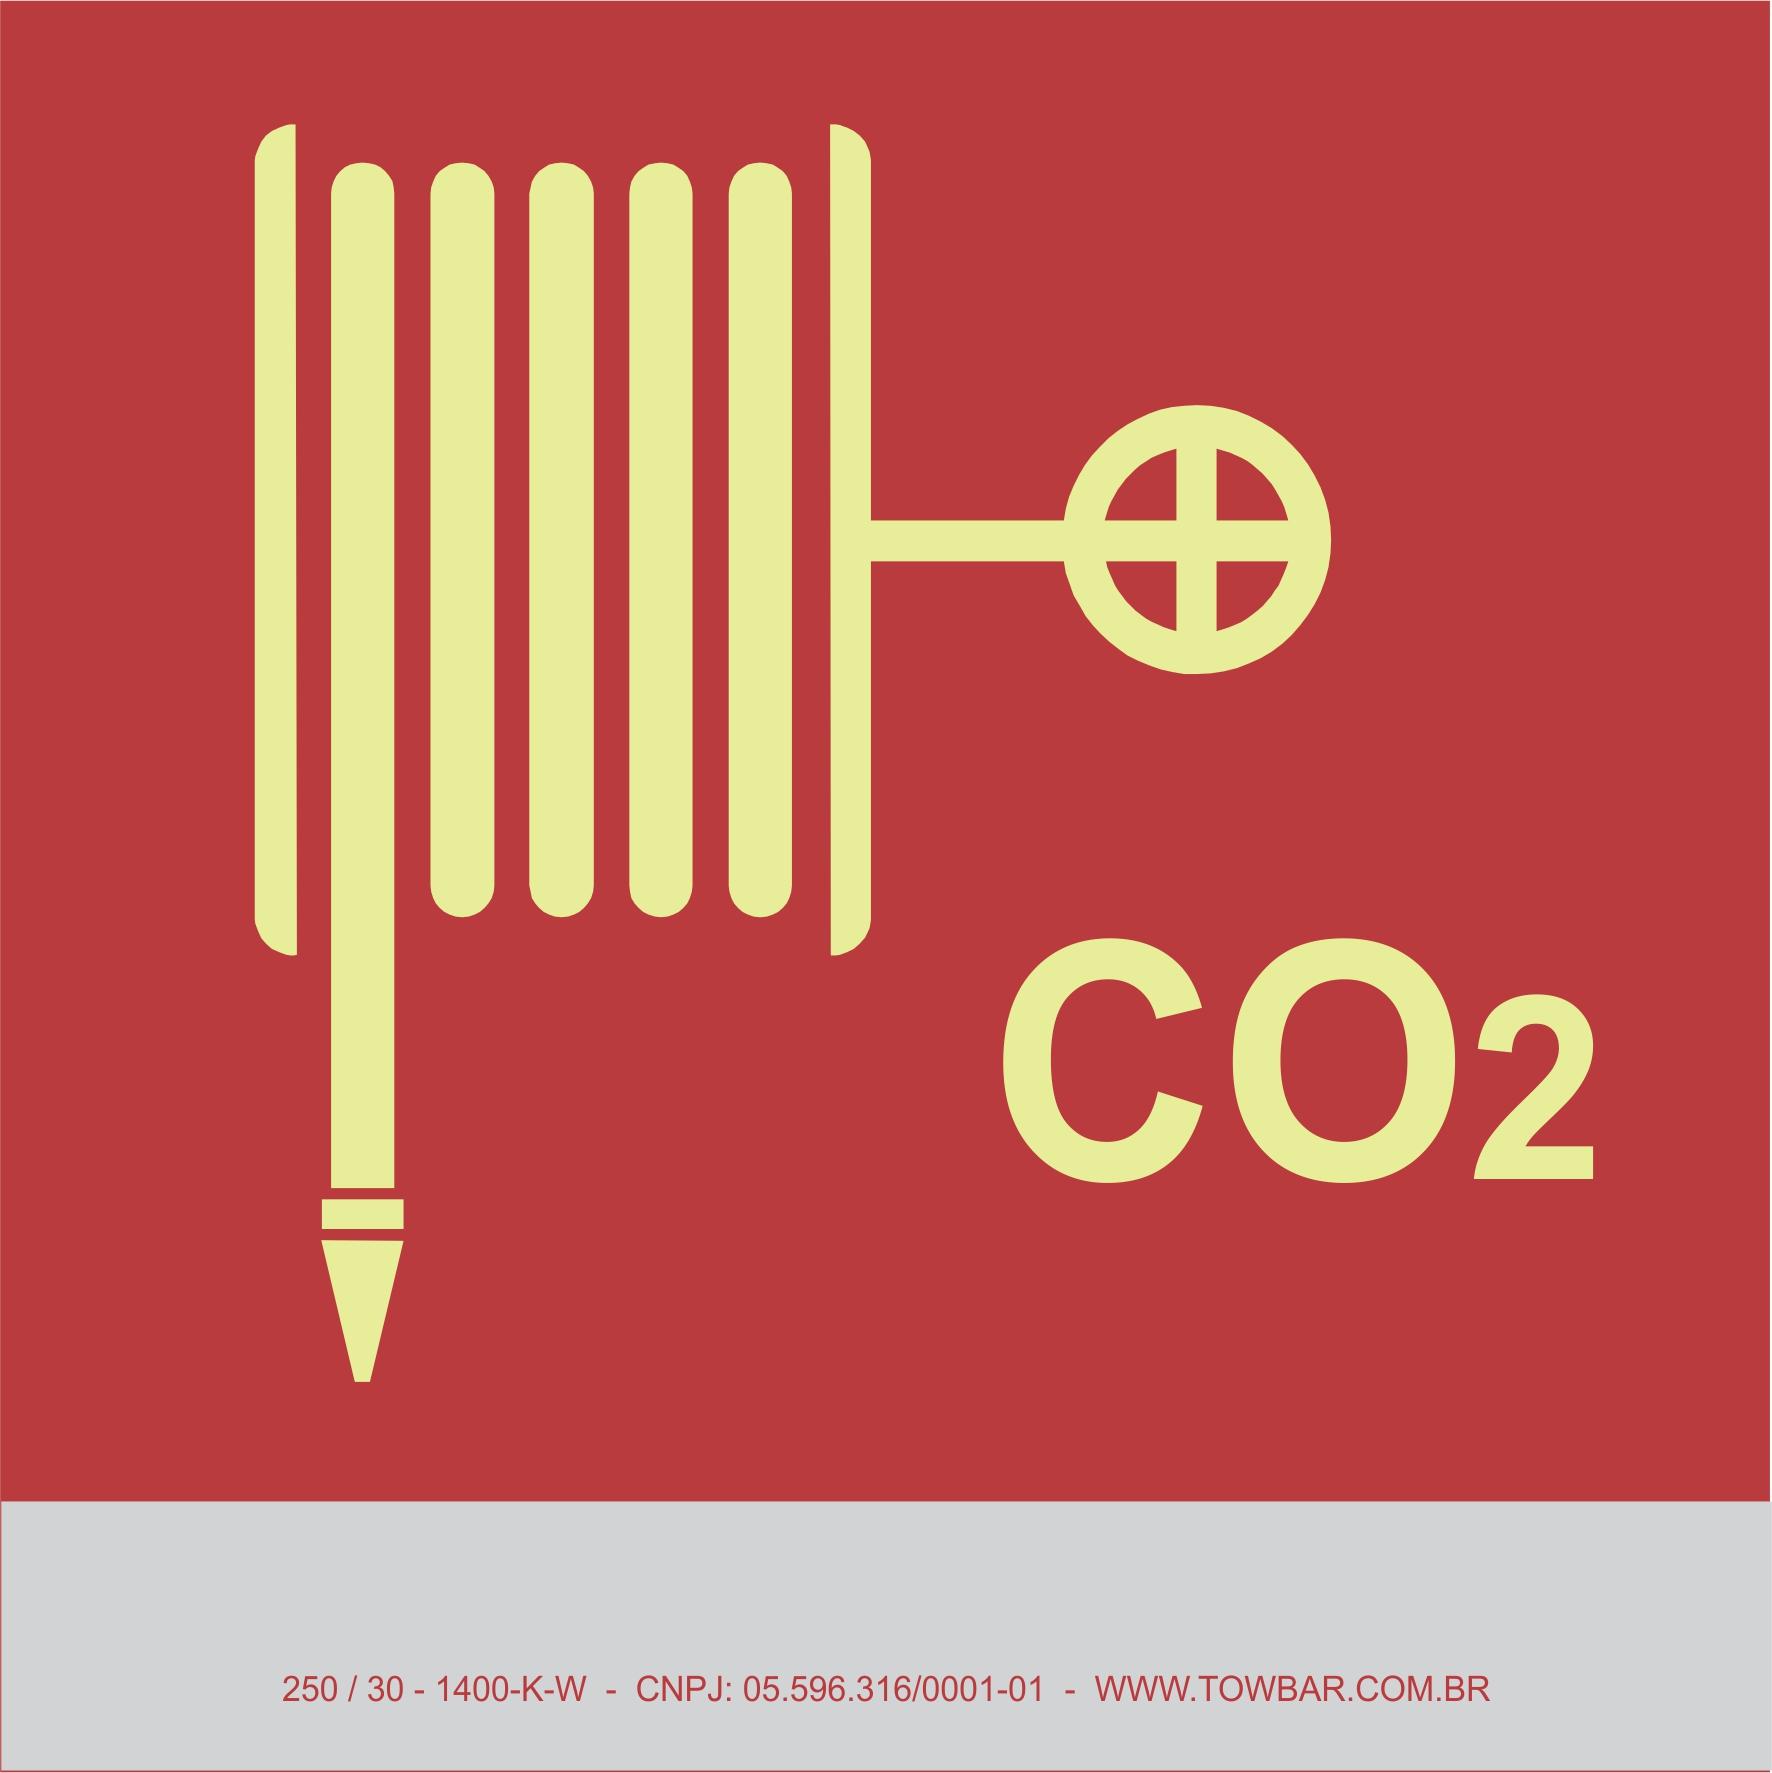 CO2 Fire Hose and Nozzle   - Towbar Sinalização de Segurança